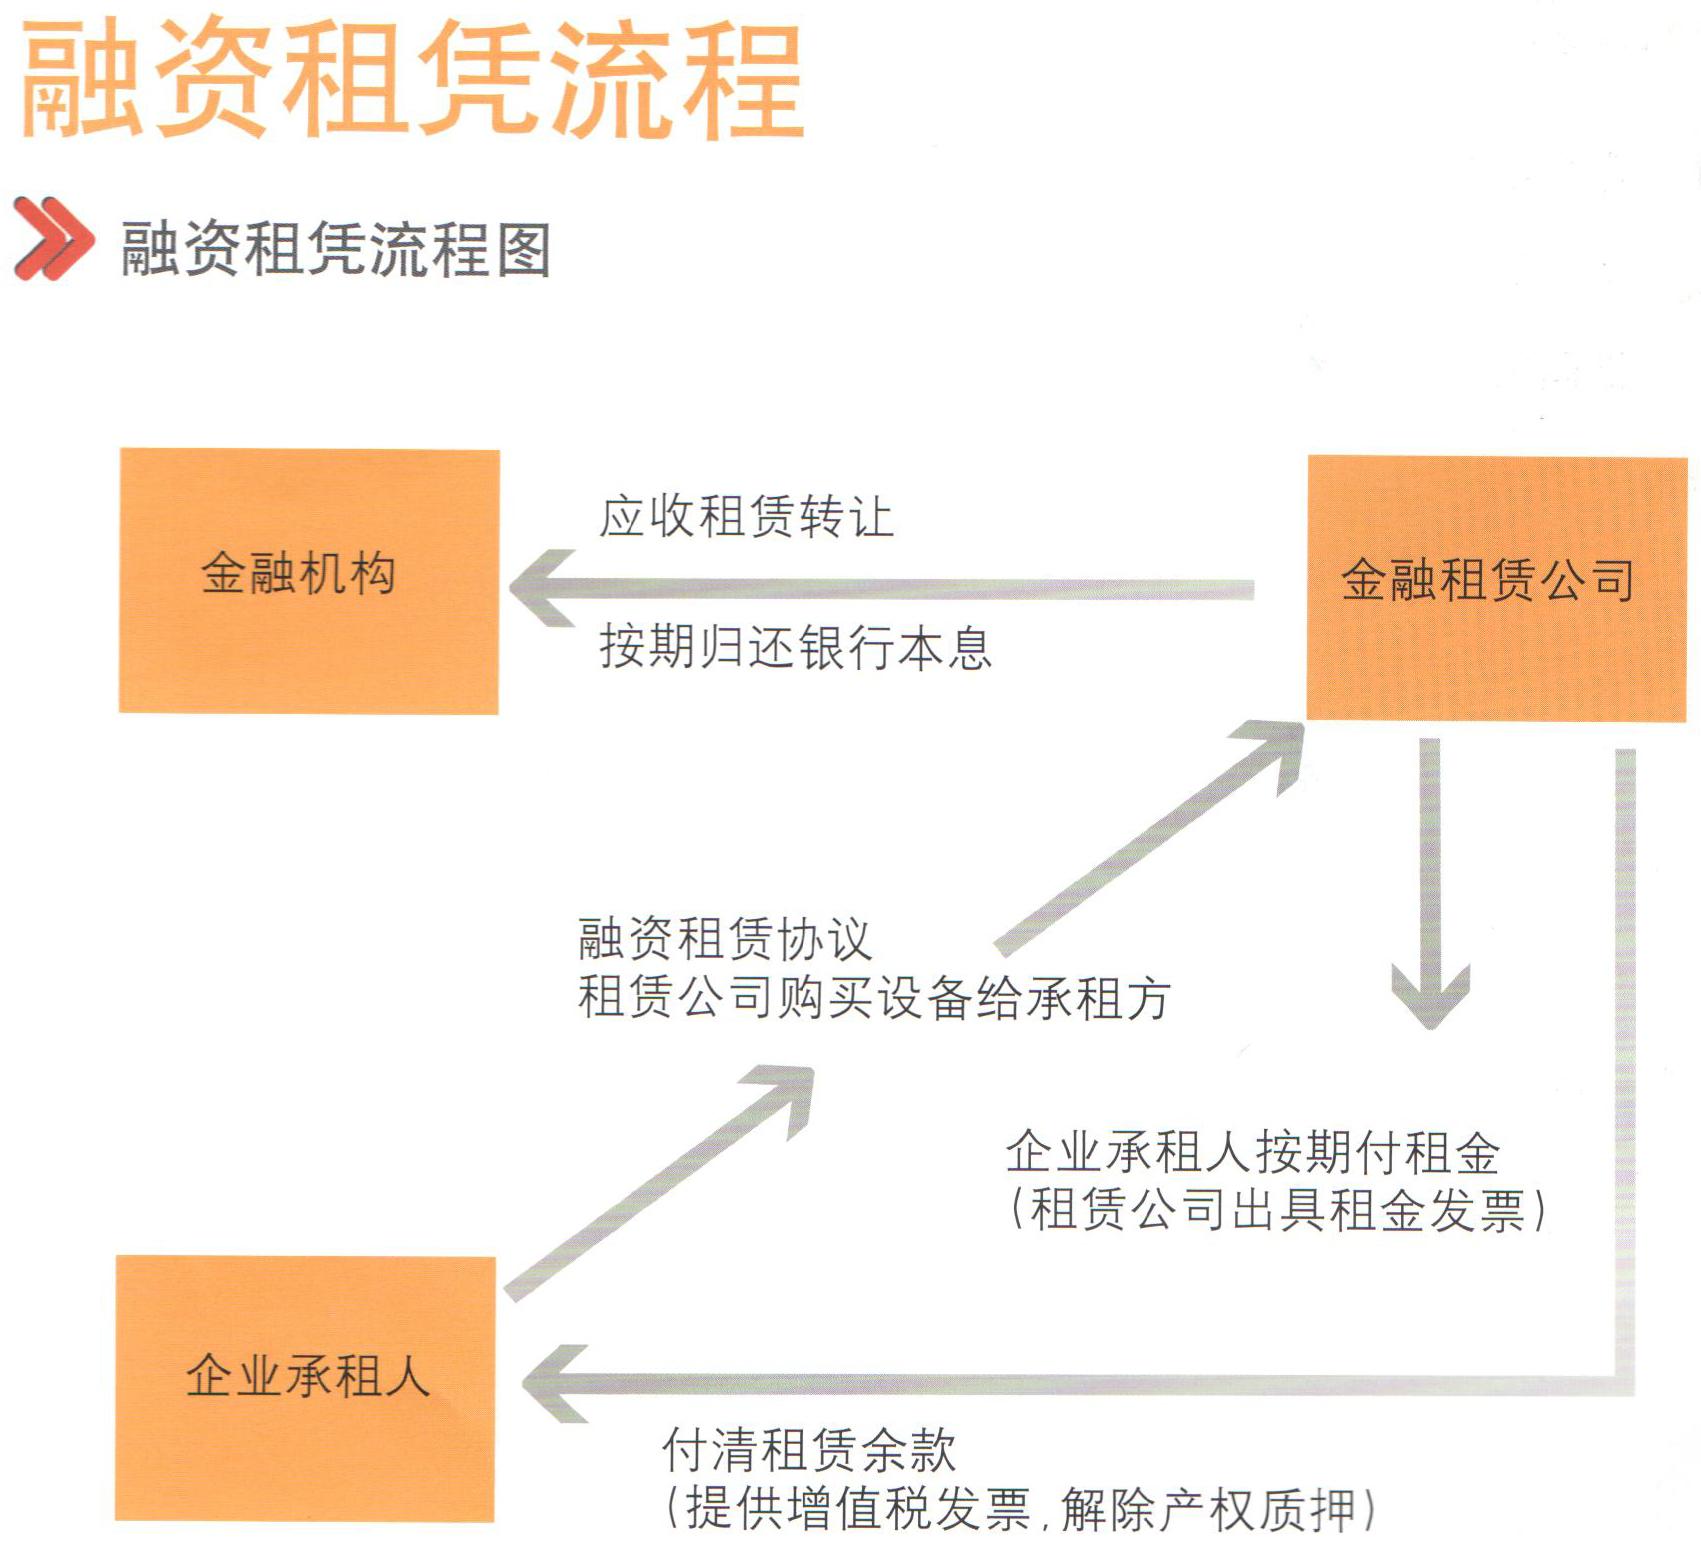 融资租赁在企业融资中的优势